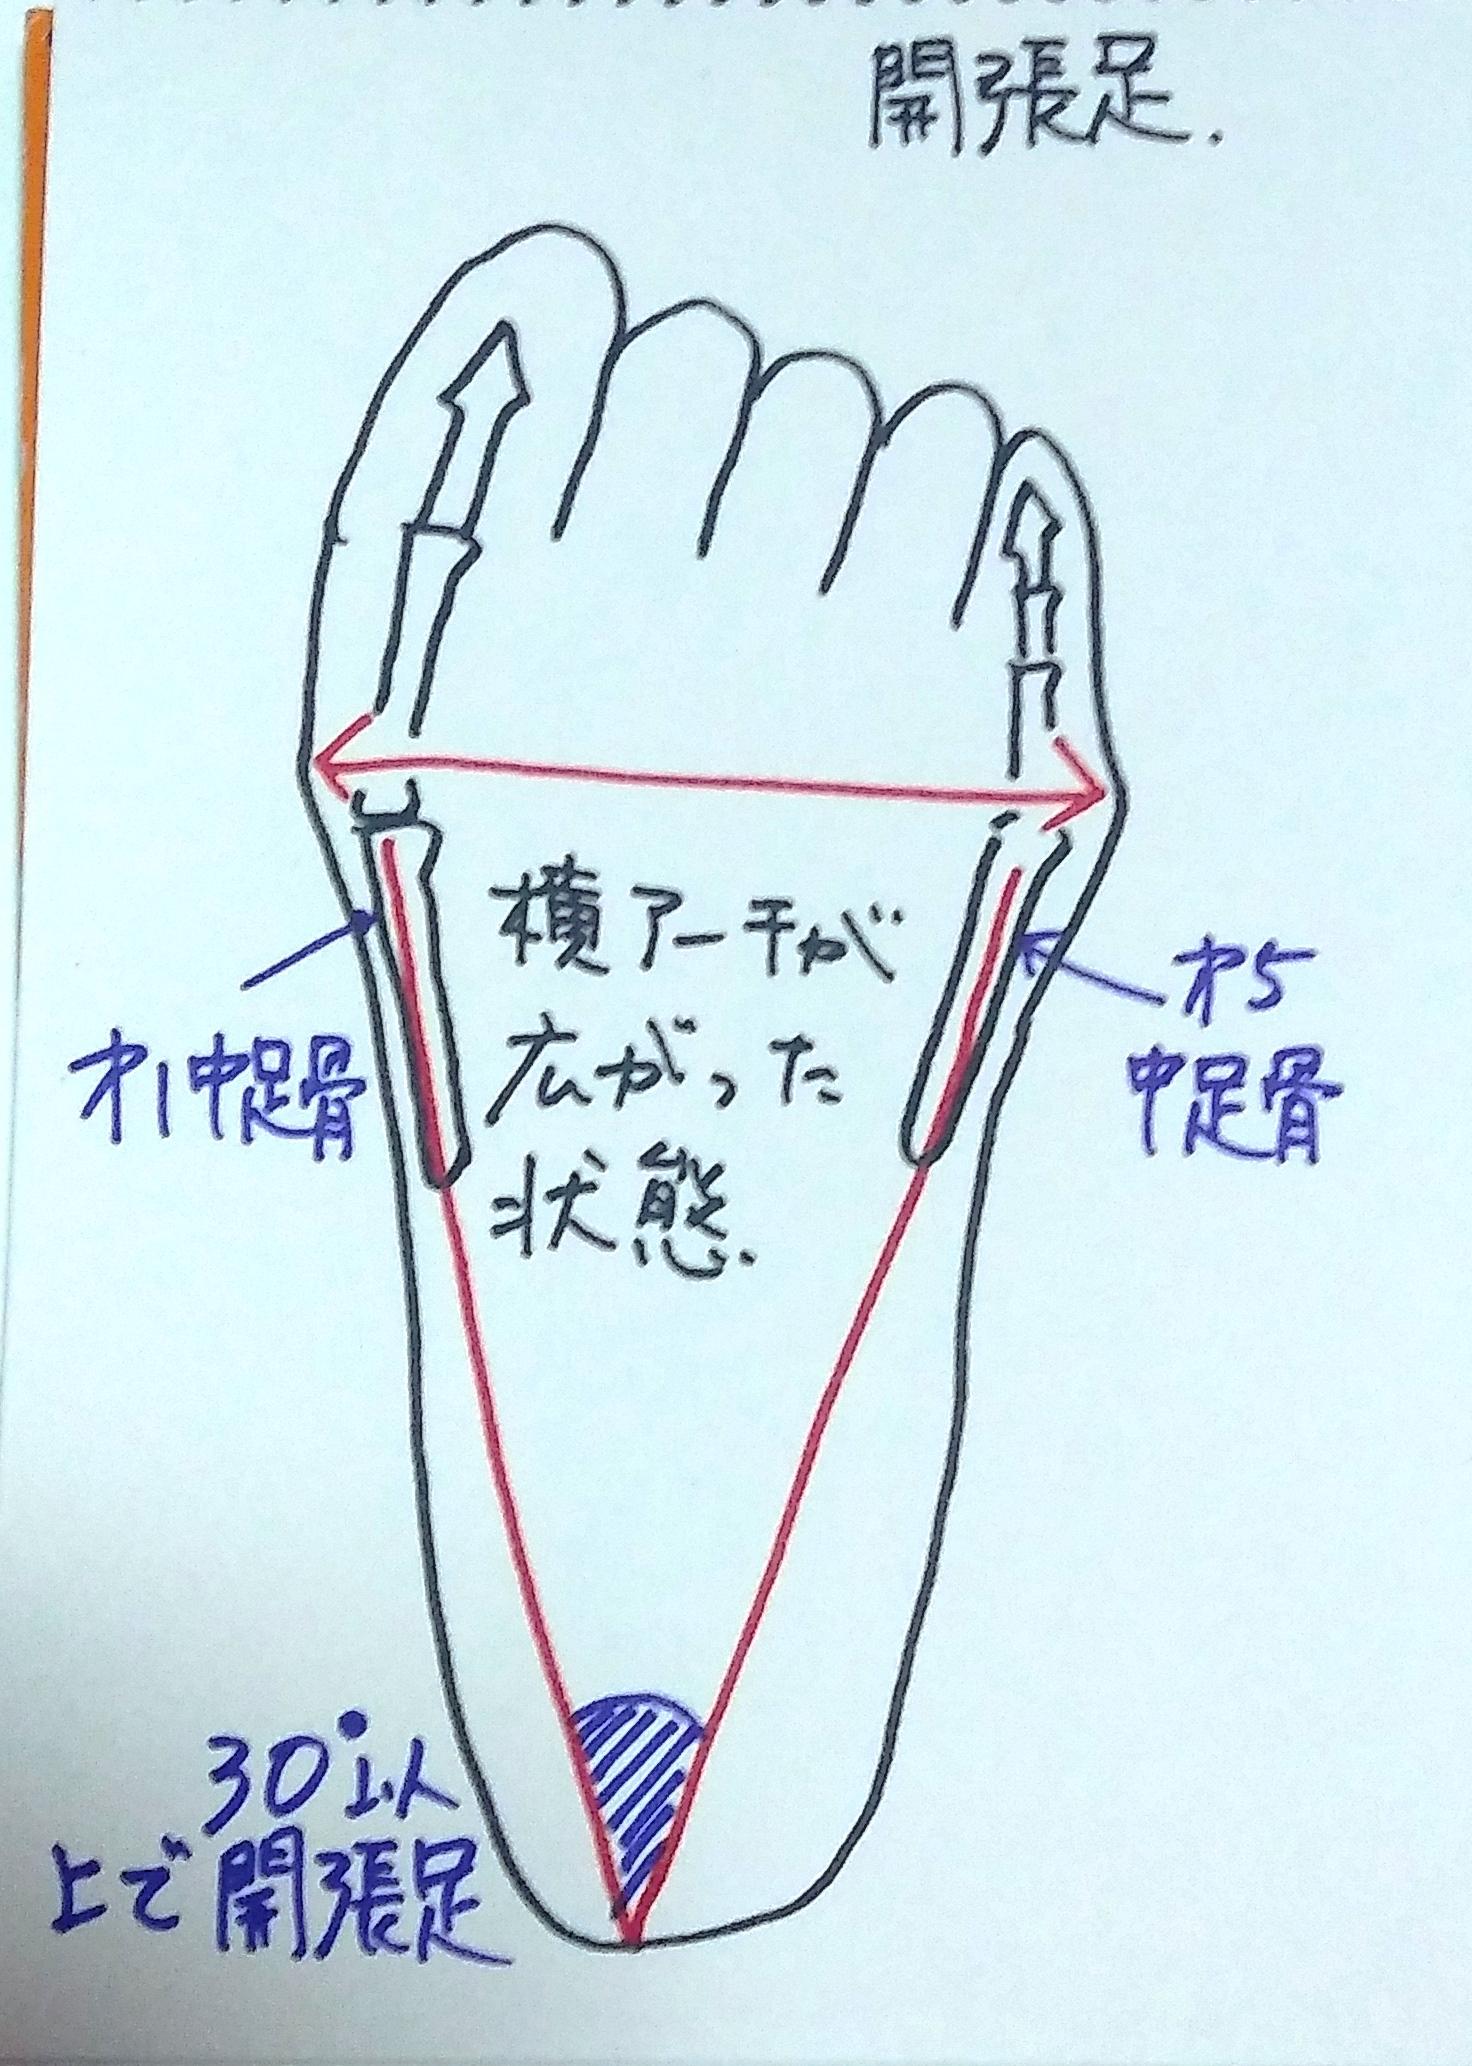 開帳足 宮城県仙台市 足 靴 トラブル 相談 靴合わせ オーダーメイドインソール